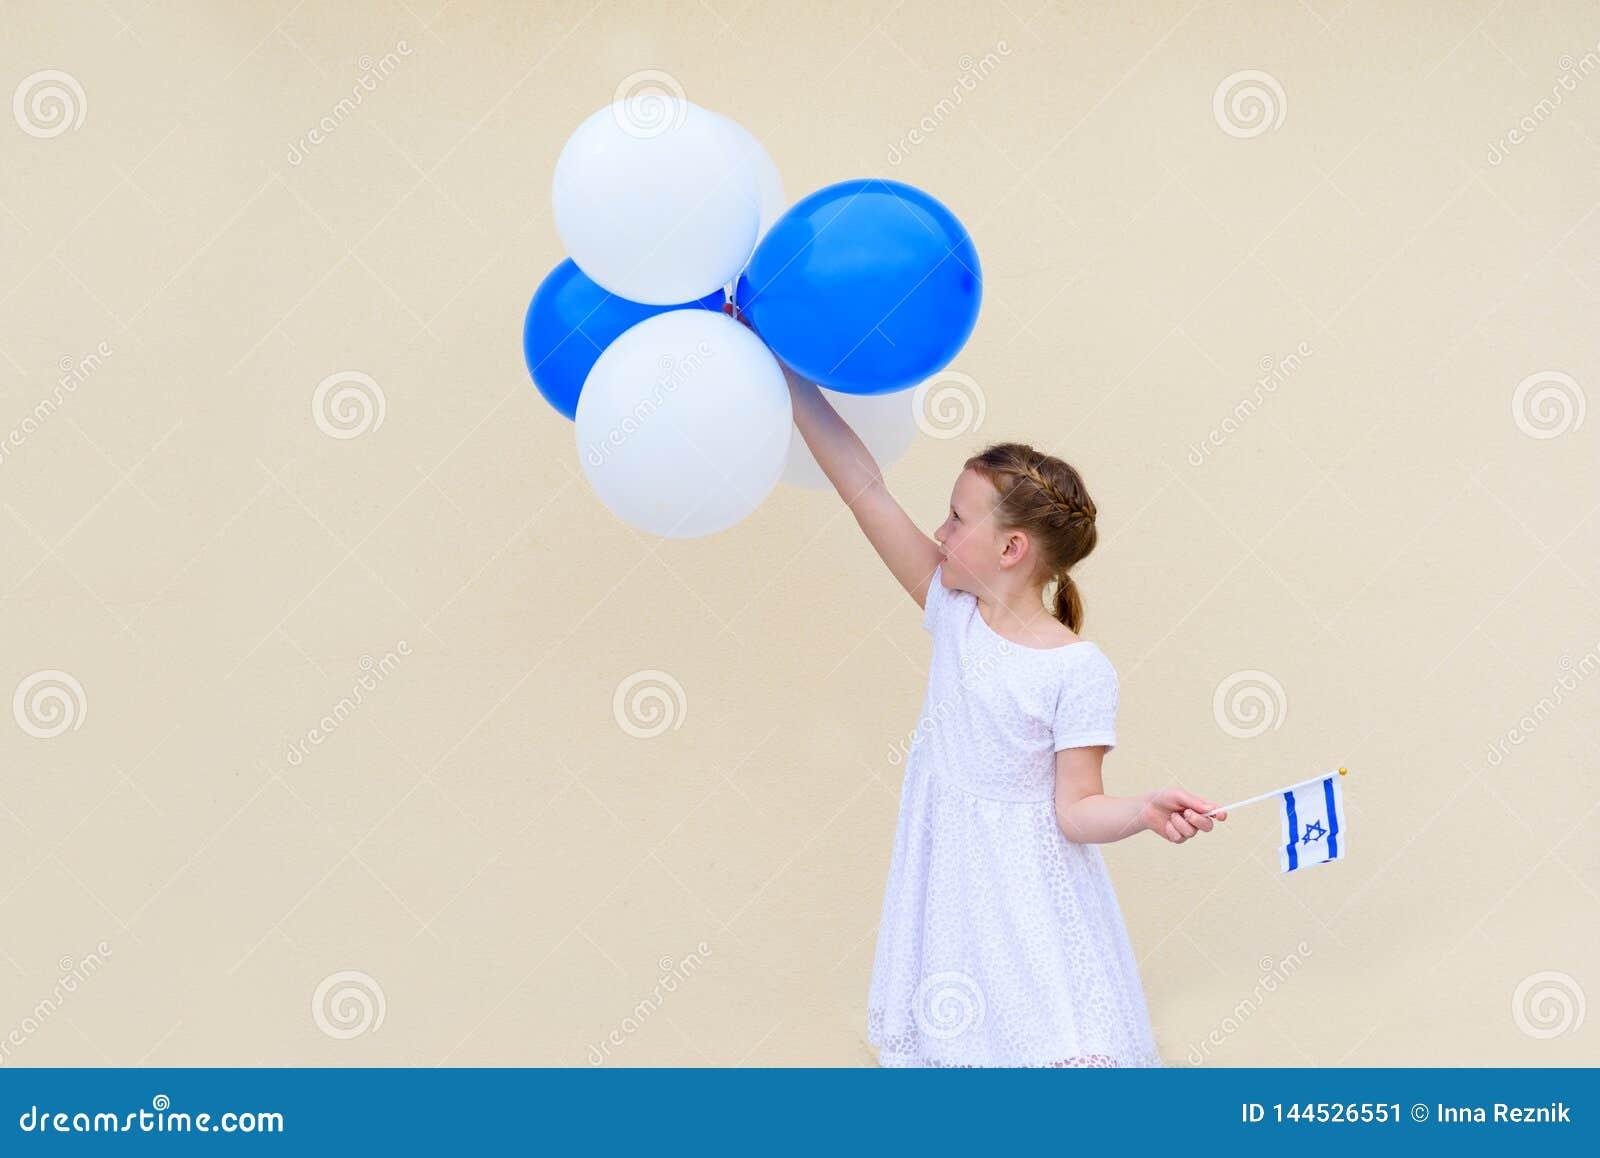 Glückliches kleines Mädchen mit blauer und weißer Flagge Ballonamerikanischen nationalstandards Israel